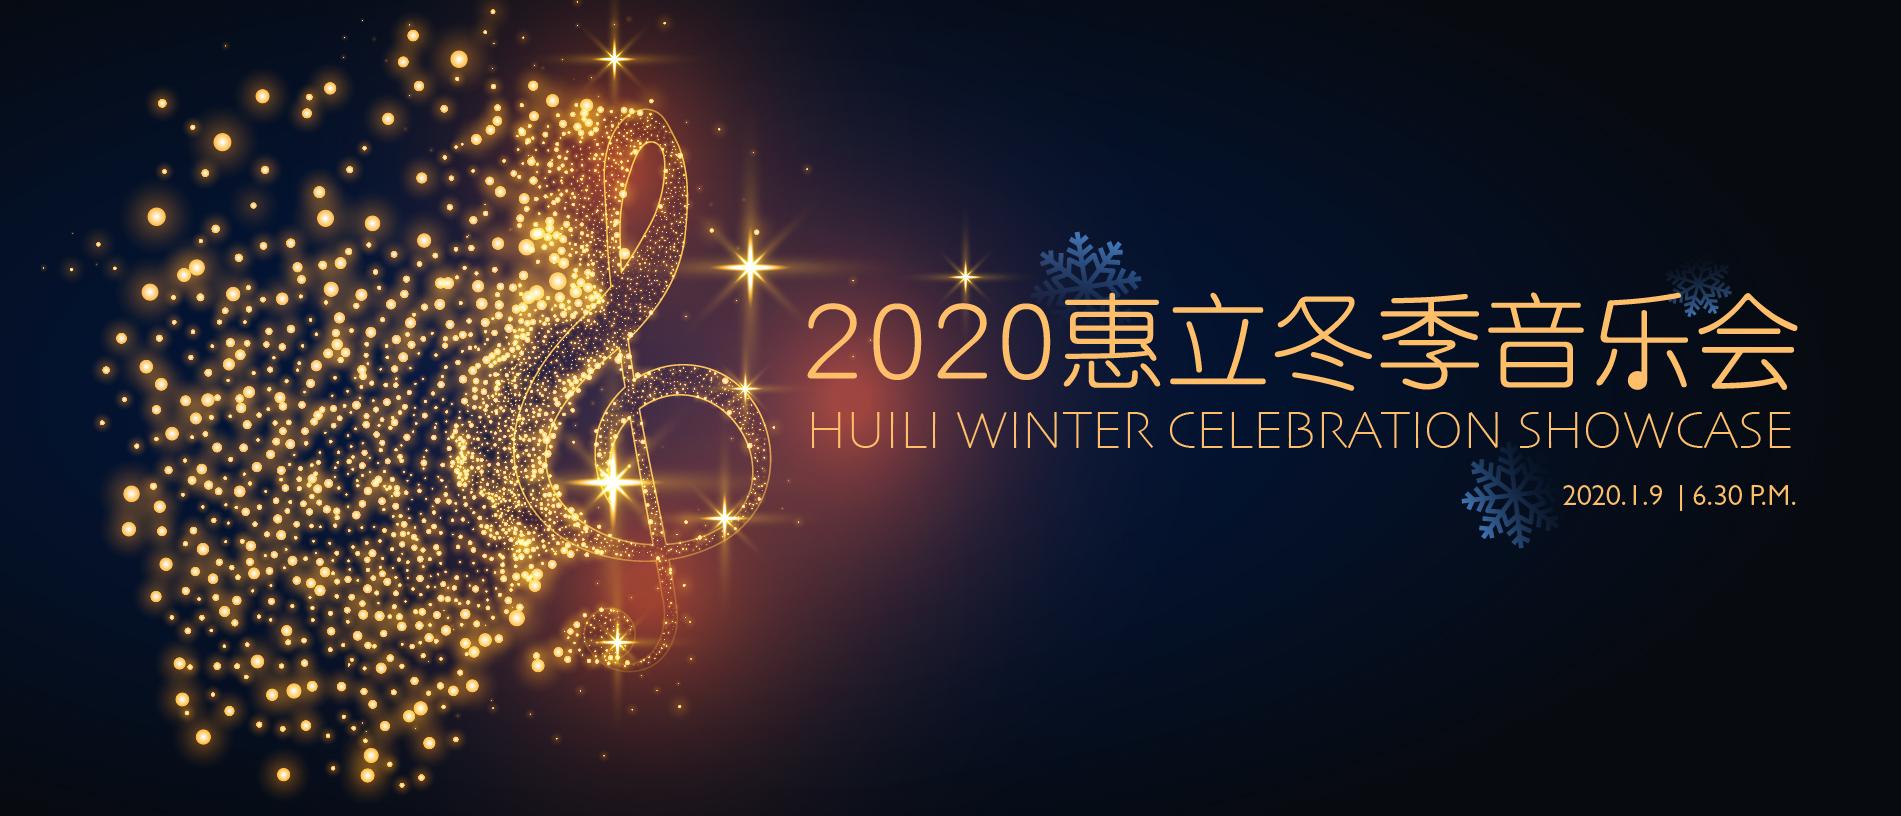 2020惠立冬季音乐会